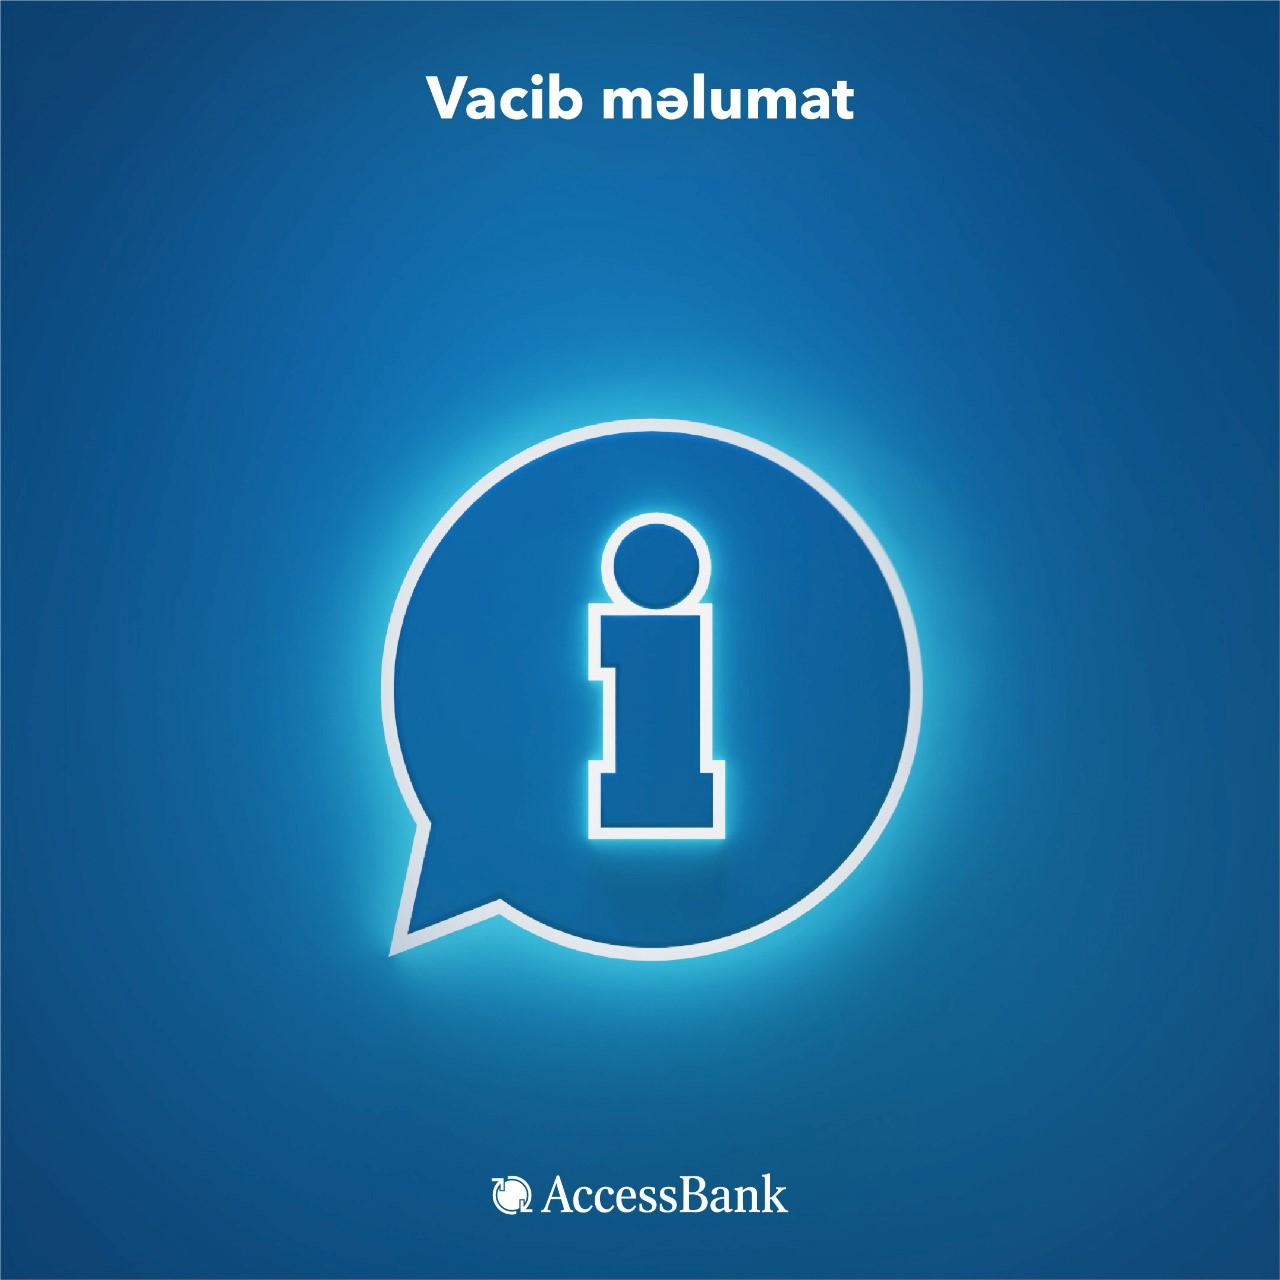 К сведению клиентов AccessBank